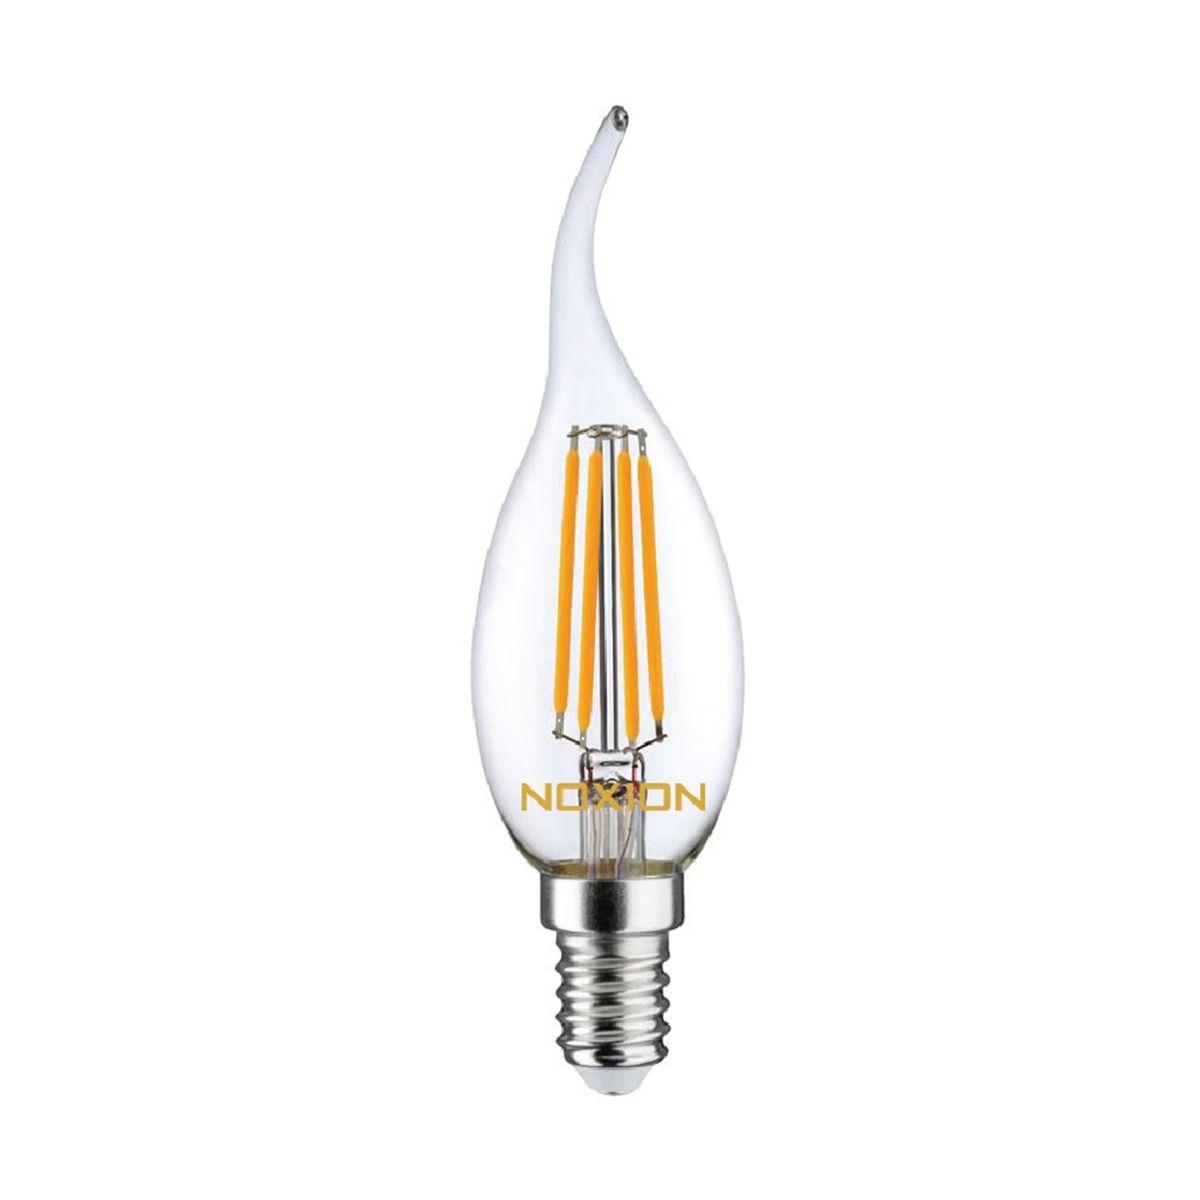 Noxion Lucent con Filamento LED Candle 4.5W 827 BA35 E14 Clara   Regulable - Luz muy Cálida - Reemplazo 40W